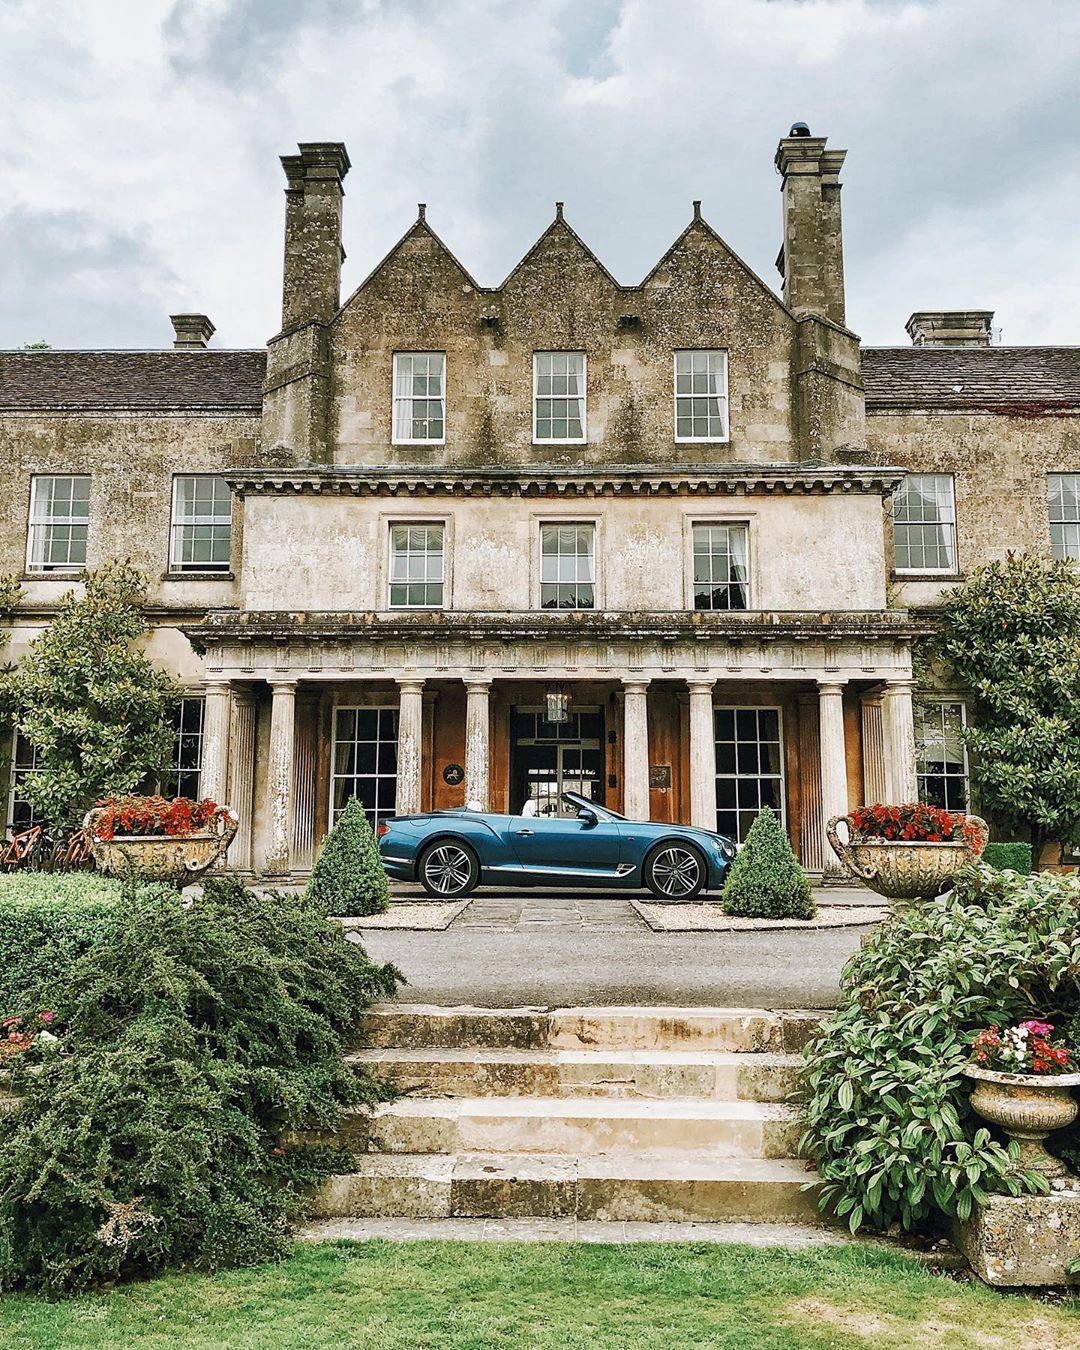 Un bel rifugio inglese nel paese, elegante e idilliaco hotel della contea, @lucknam_park.  con @bentleymotors via @therollinsonlondon